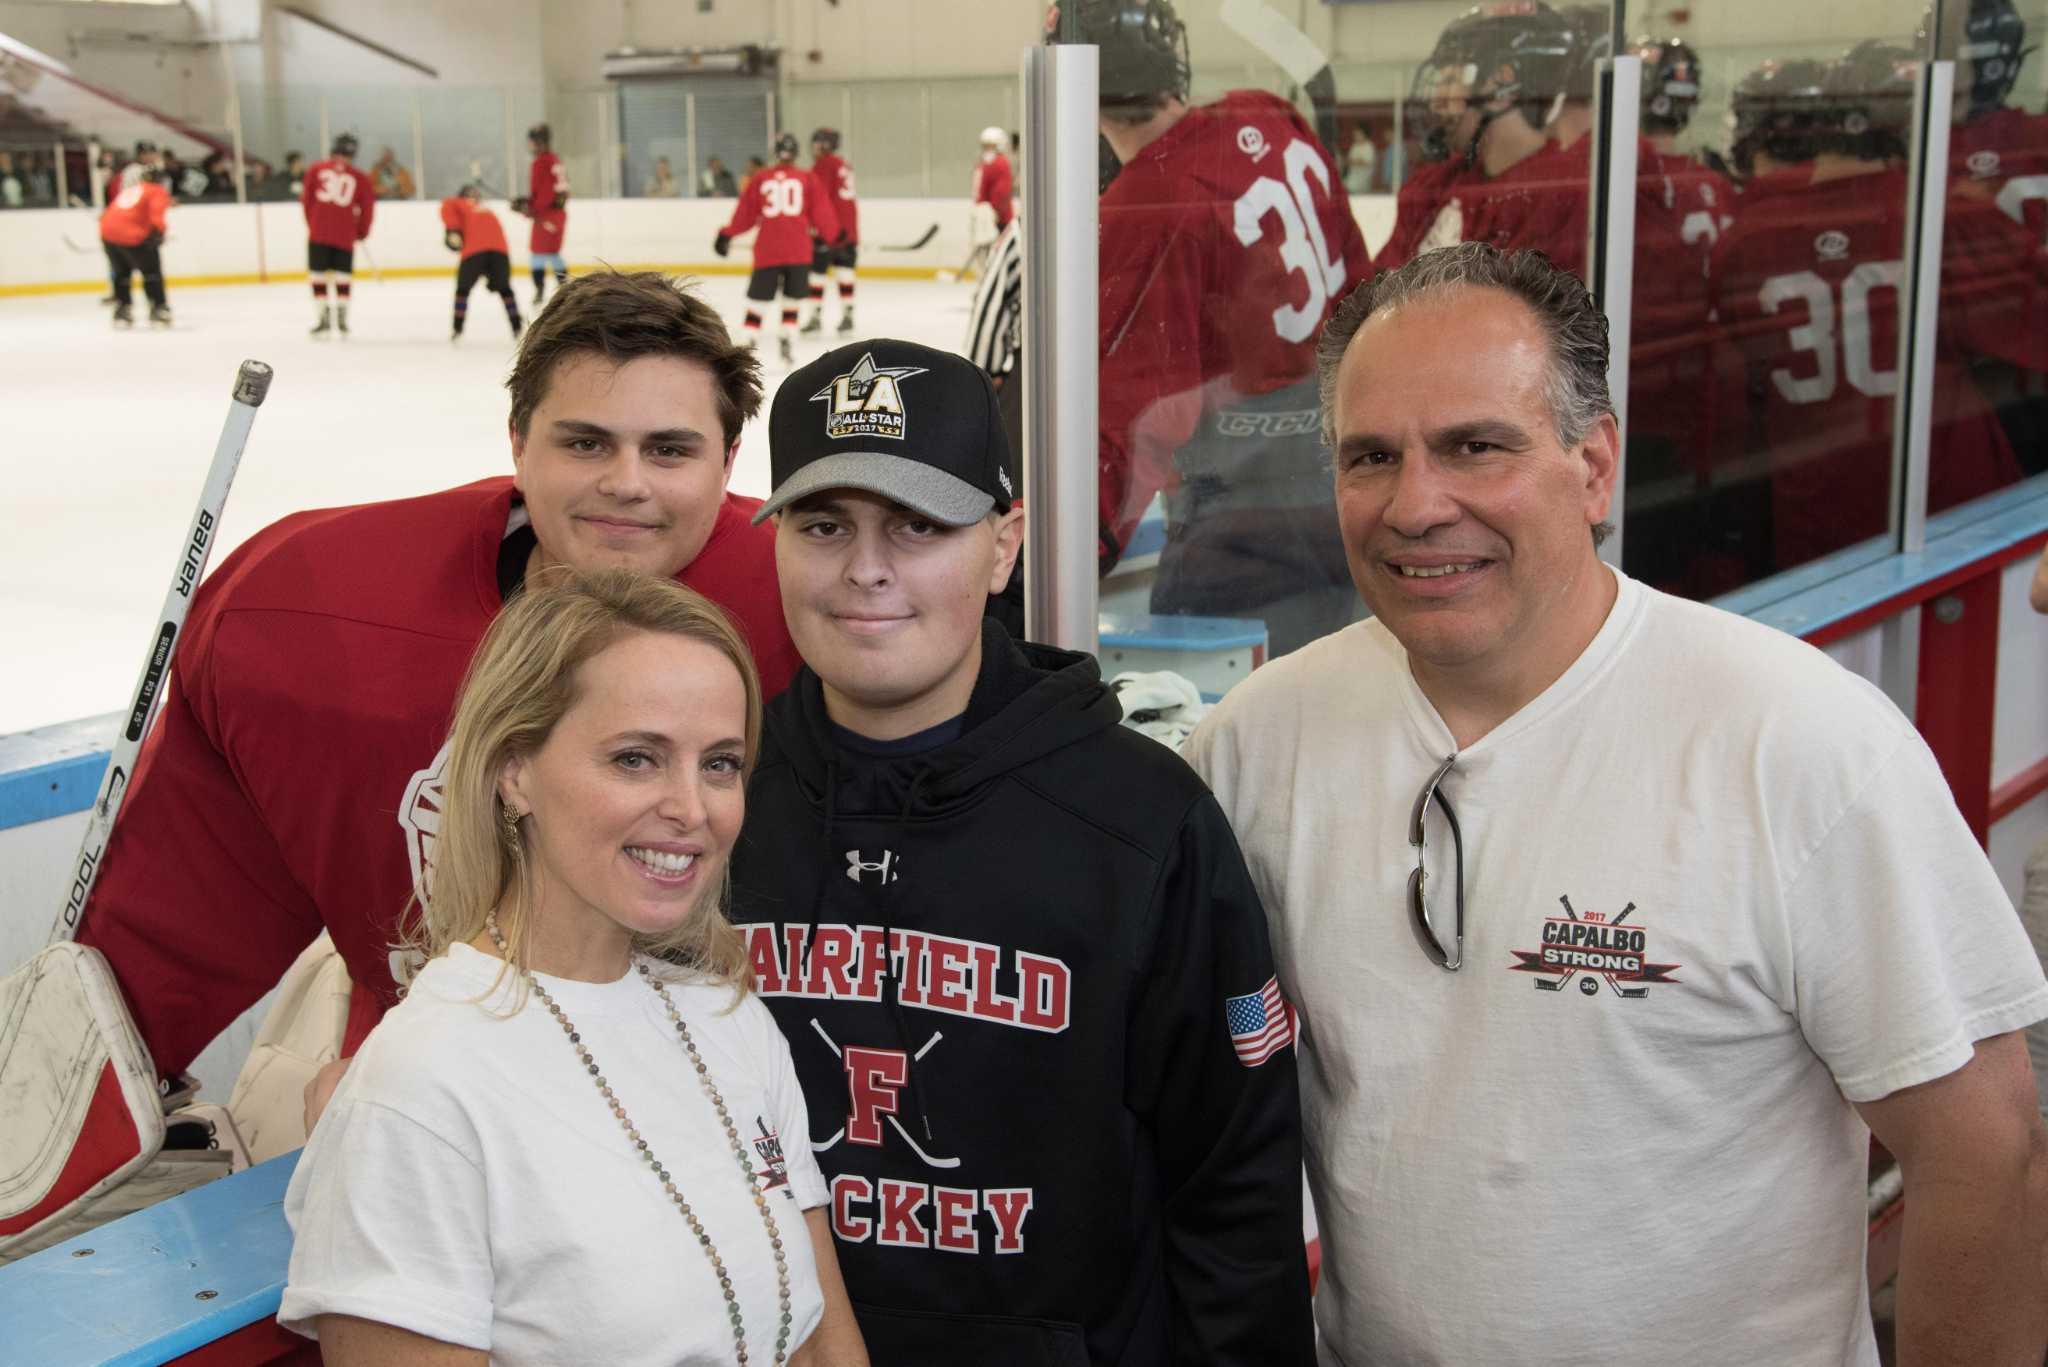 Charlie Capalbo, former Fairfield Co-op hockey goalie fighting